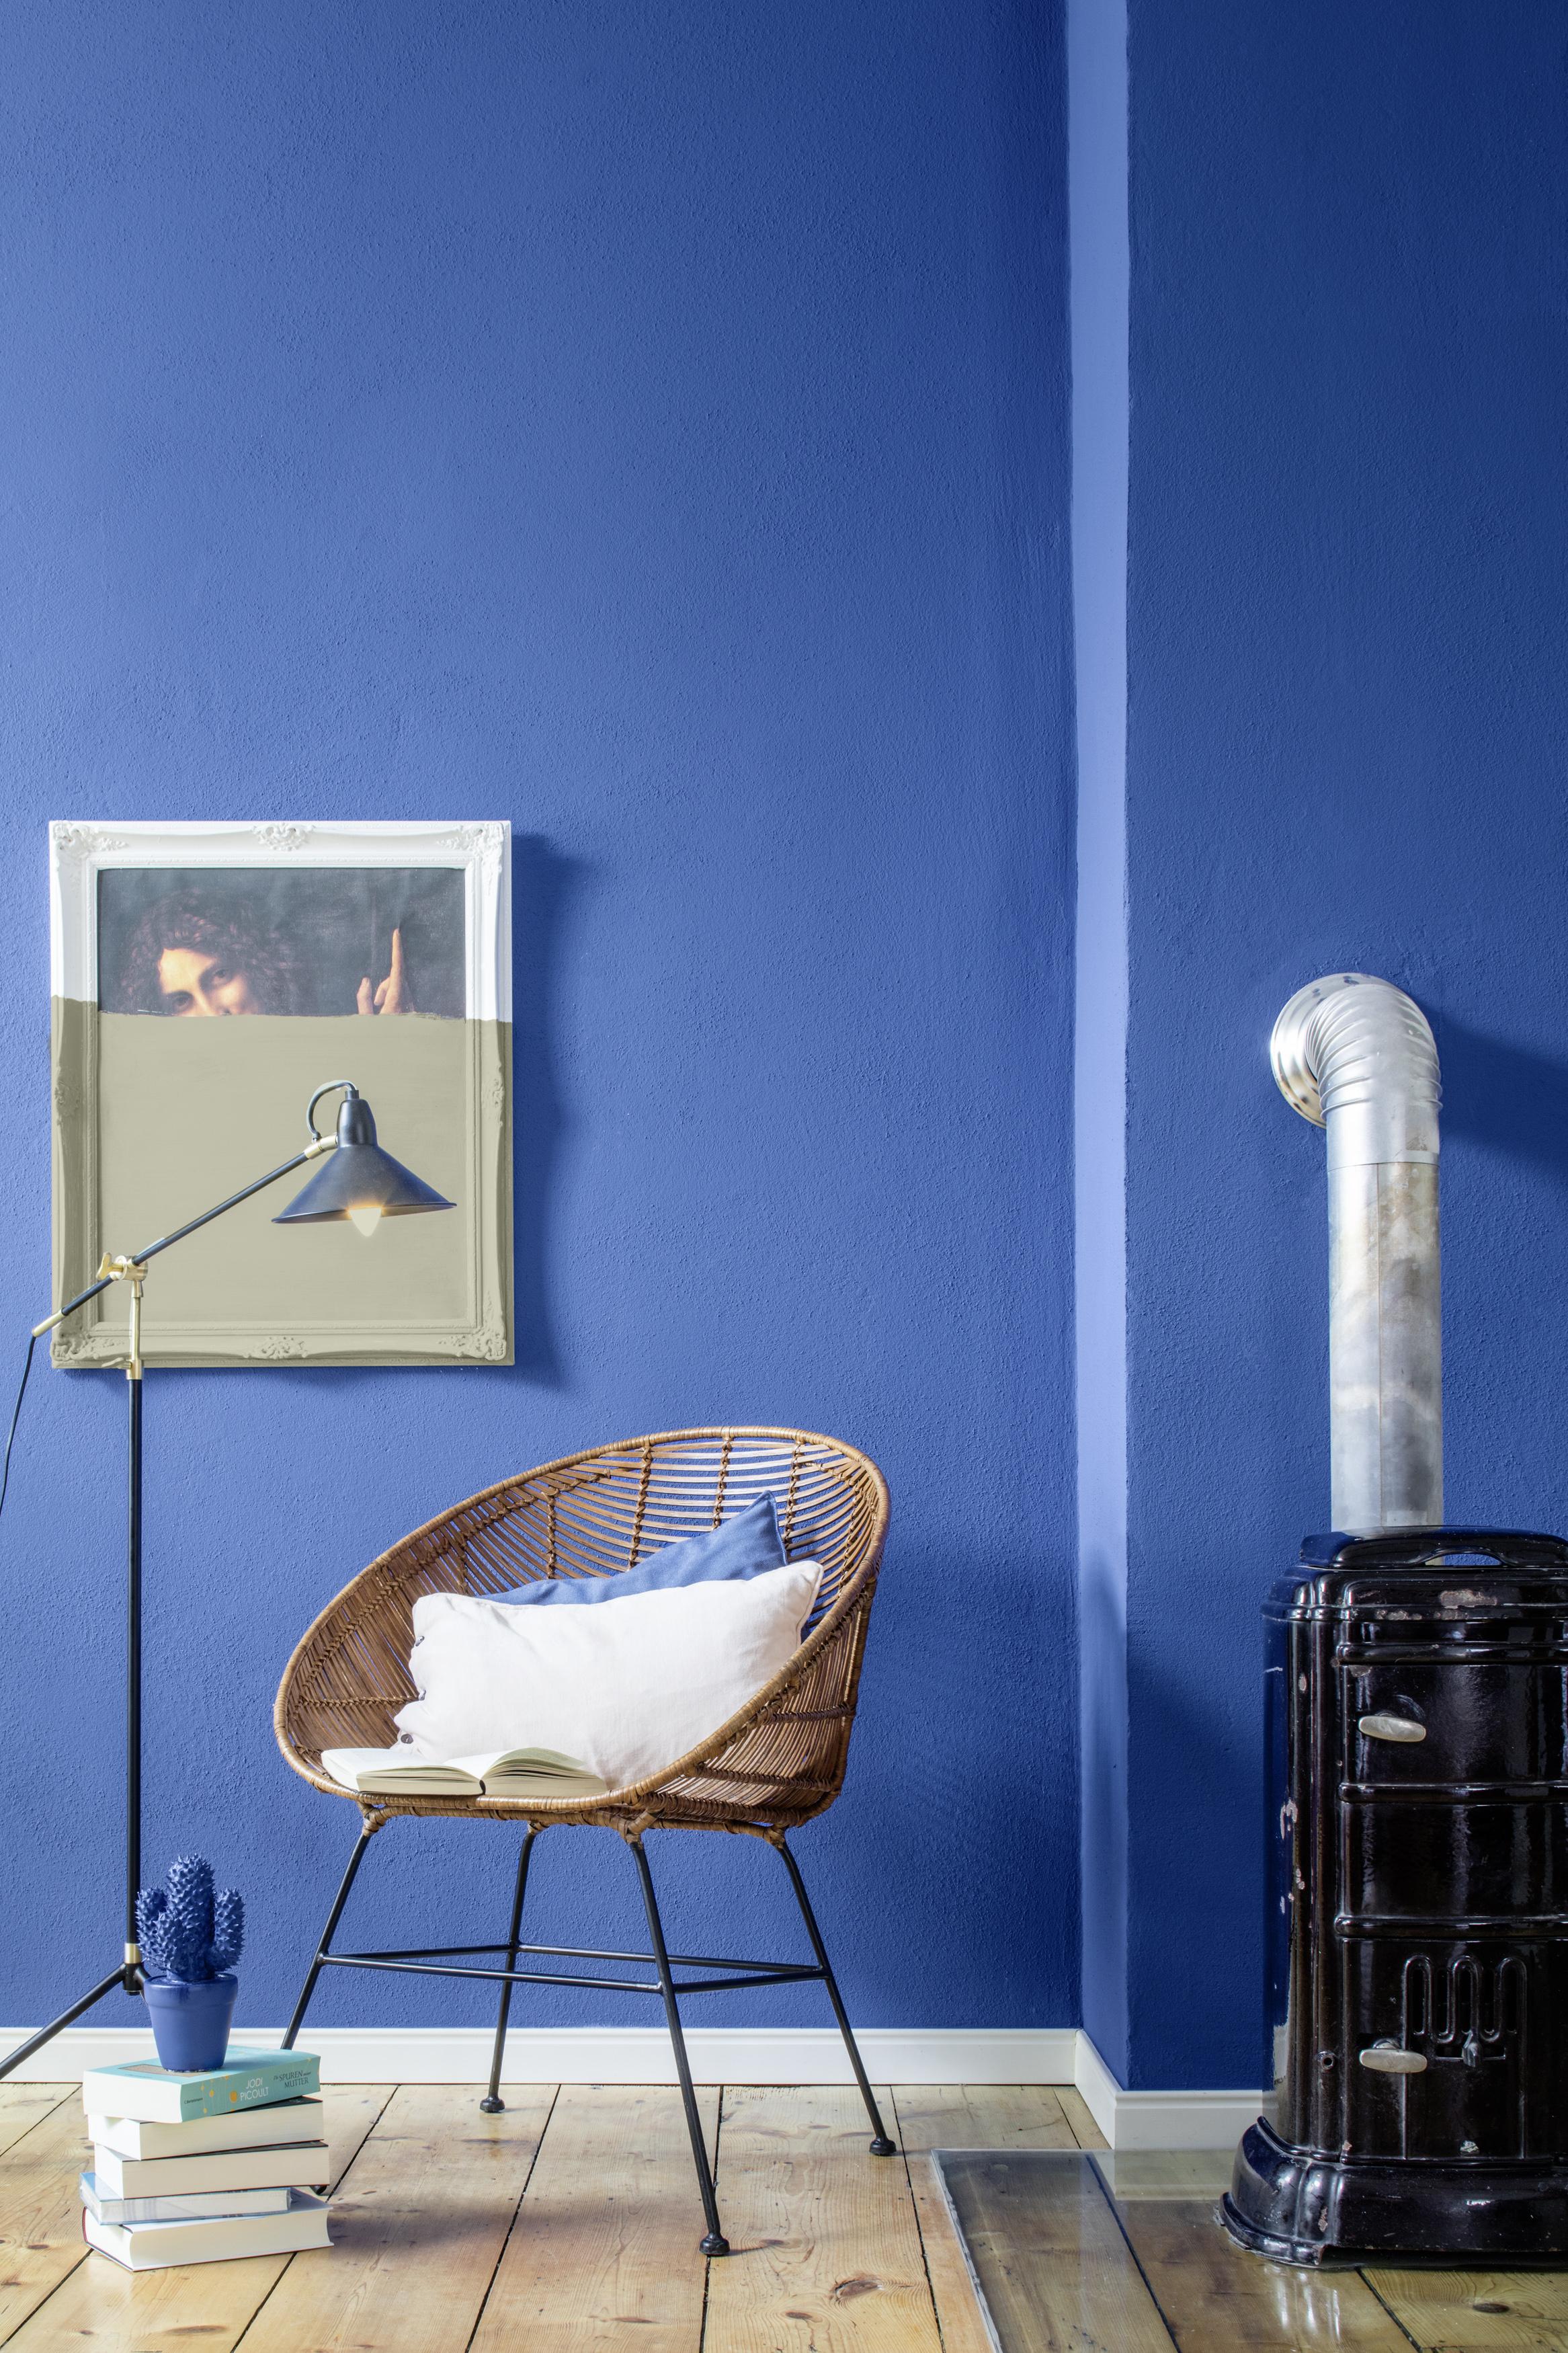 farbtrends 2017 caparol farben lacke bautenschutz gmbh pressemitteilung. Black Bedroom Furniture Sets. Home Design Ideas